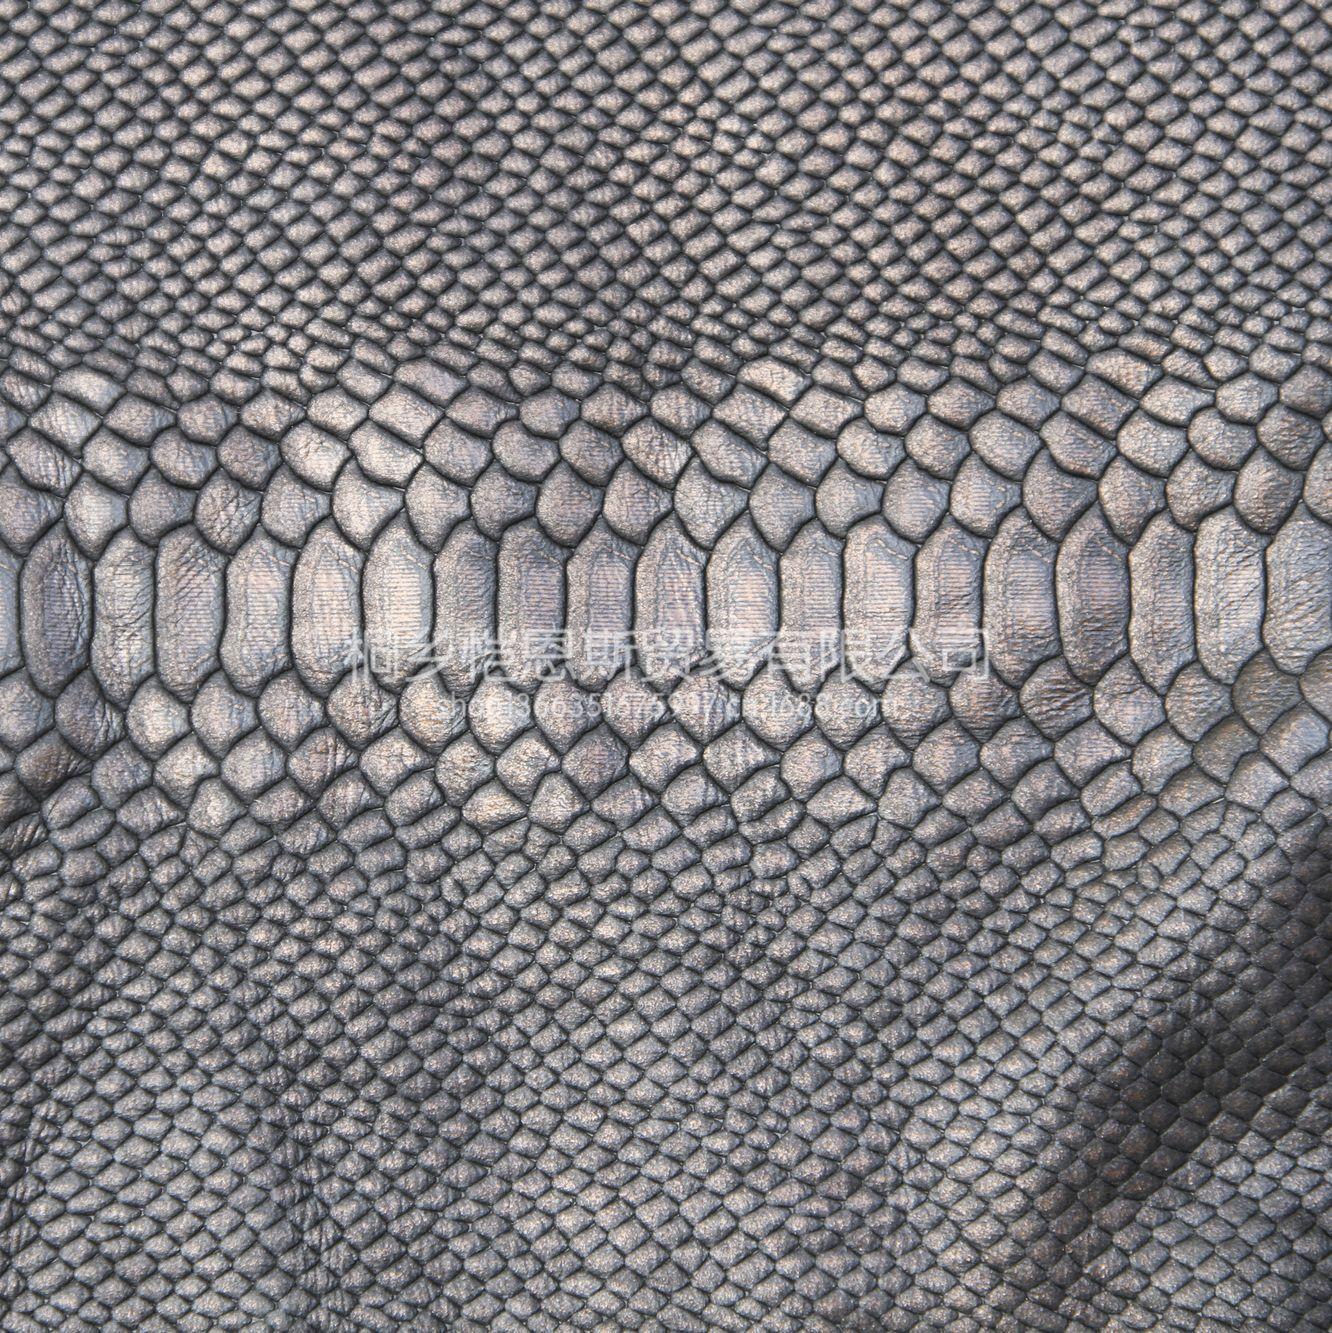 Da dê Da dê Xưởng s ản xuất trực tiếp bán nội thất trong lò mộc Bình tine Python Serpentine Sheep Su